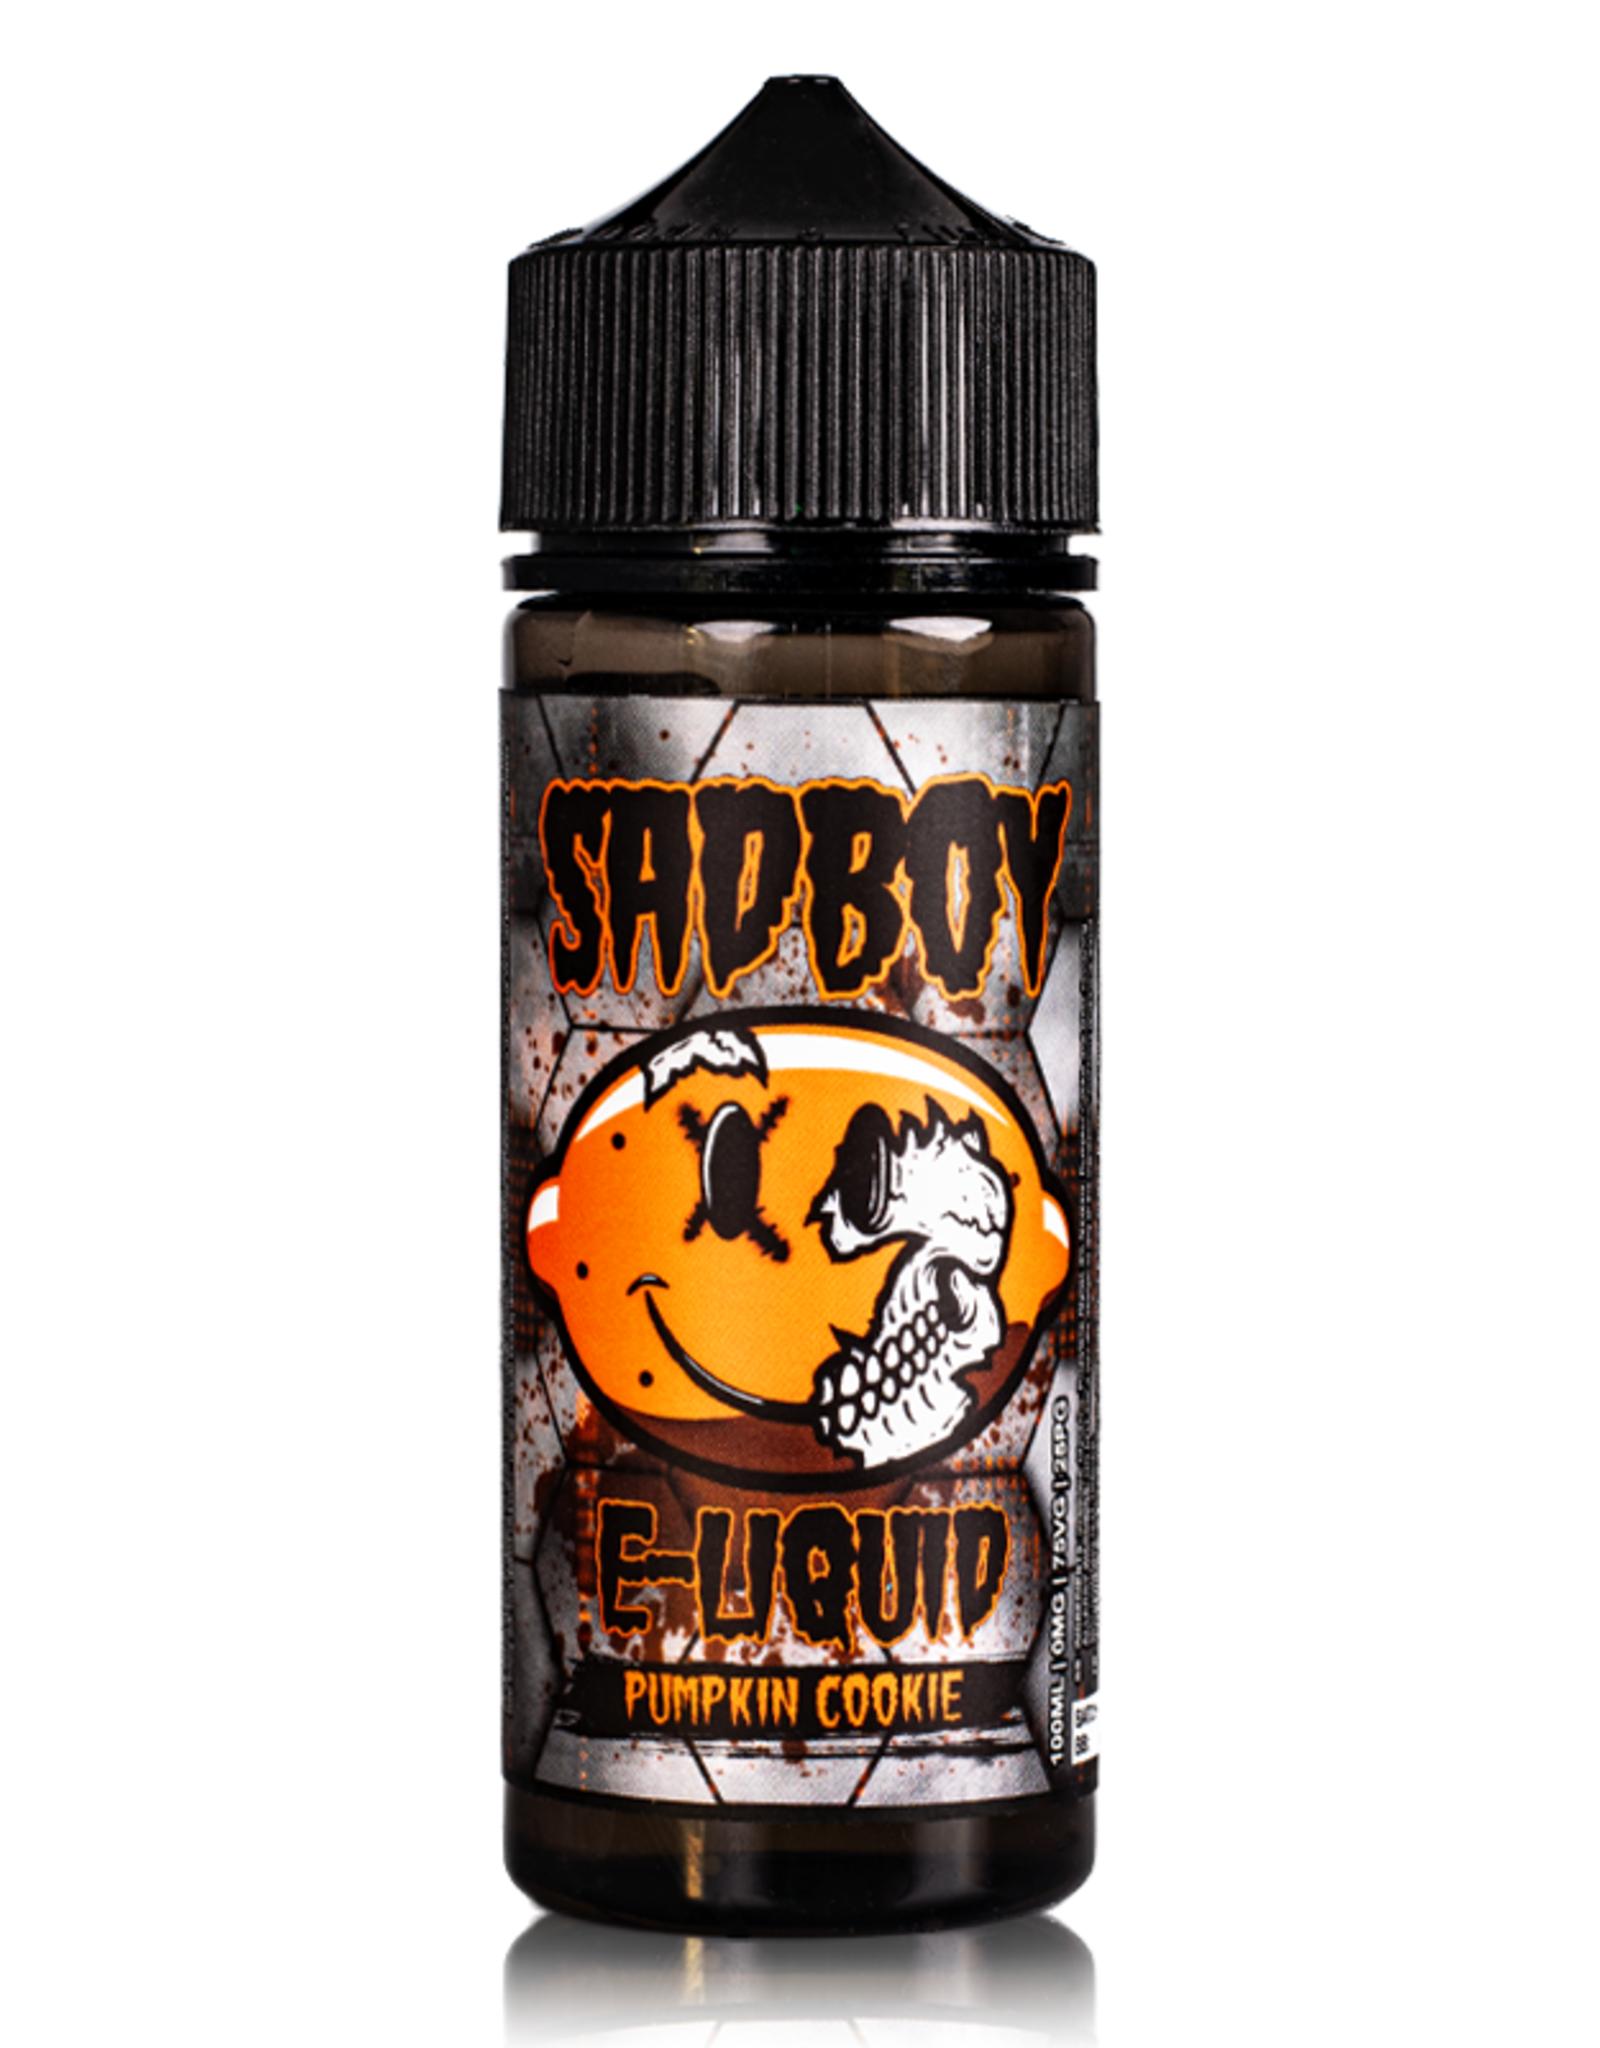 Sadboy Sadboy - Pumpkin Cookie 100ml